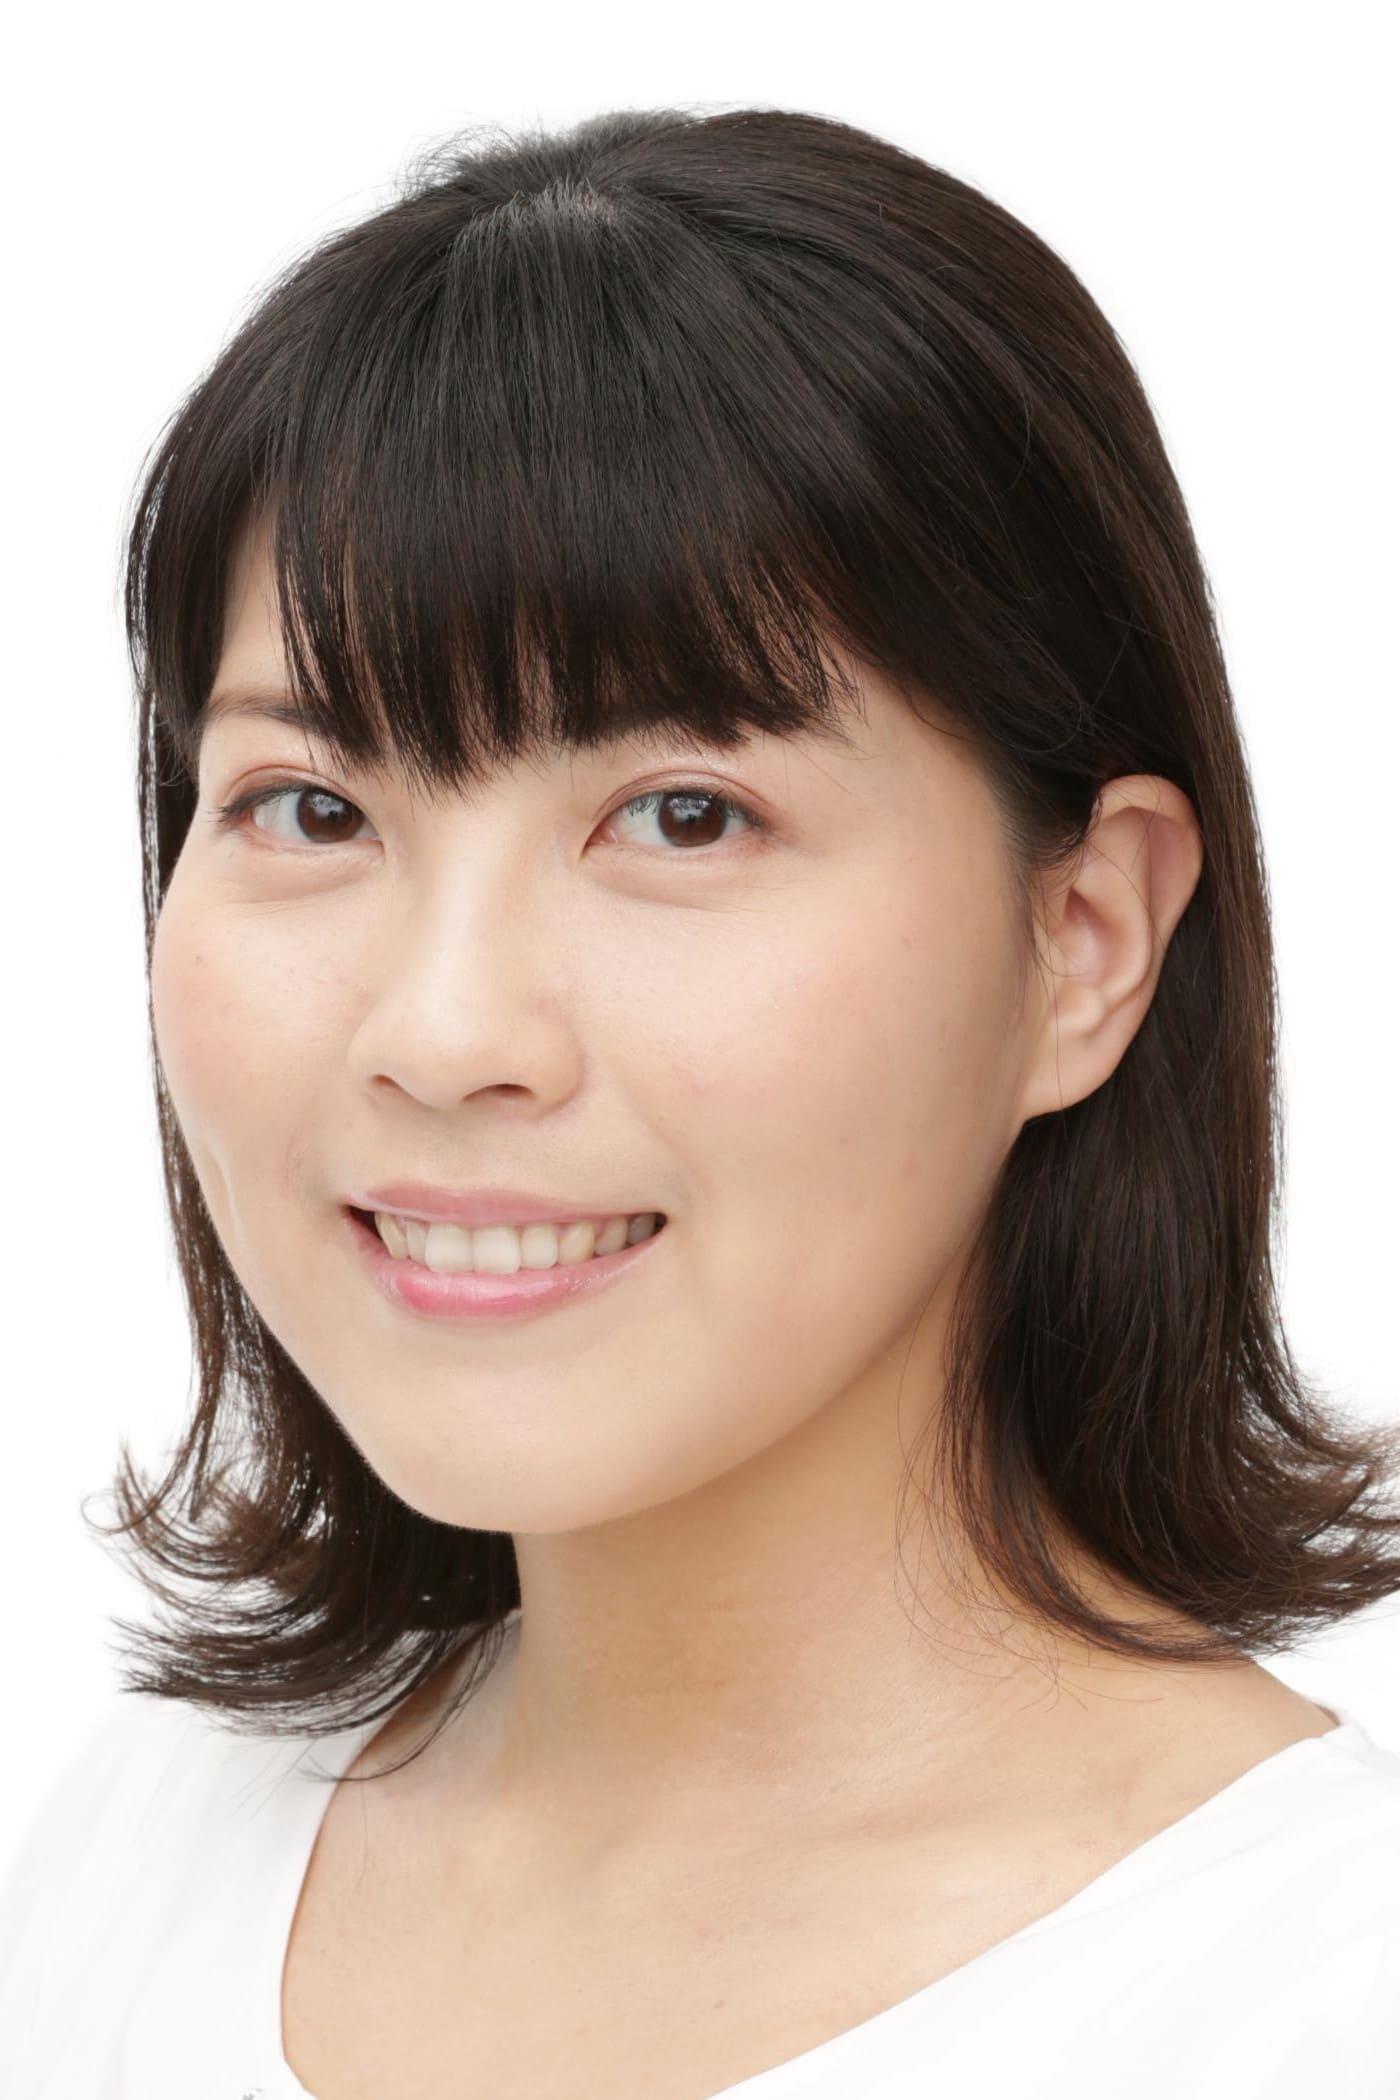 Chiaki Kuge